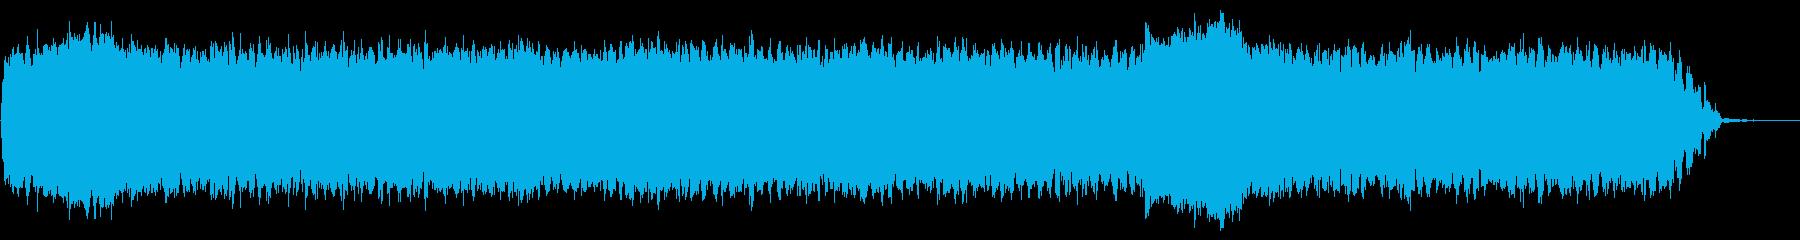 怖すぎるBGM/心霊/不気味/ホラーの再生済みの波形